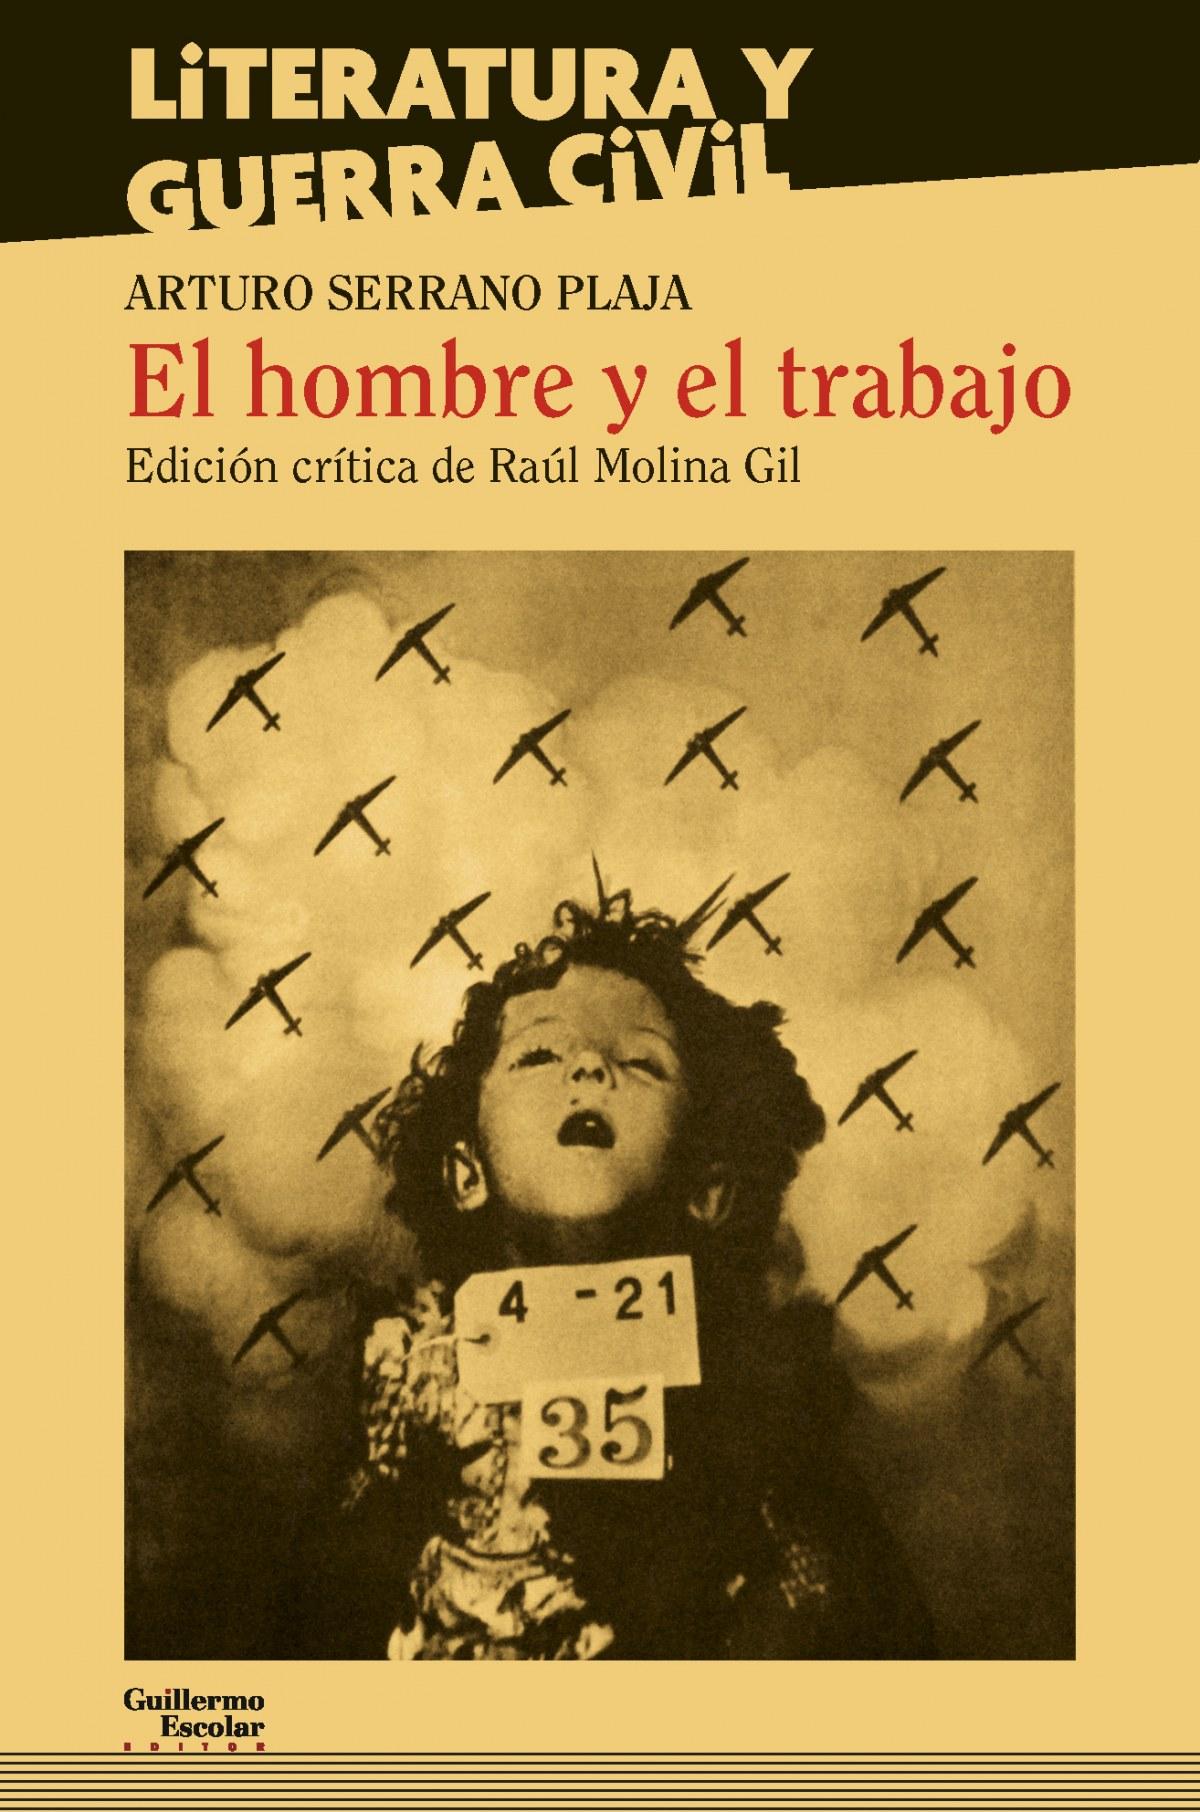 EL HOMBRE Y EL TRABAJO